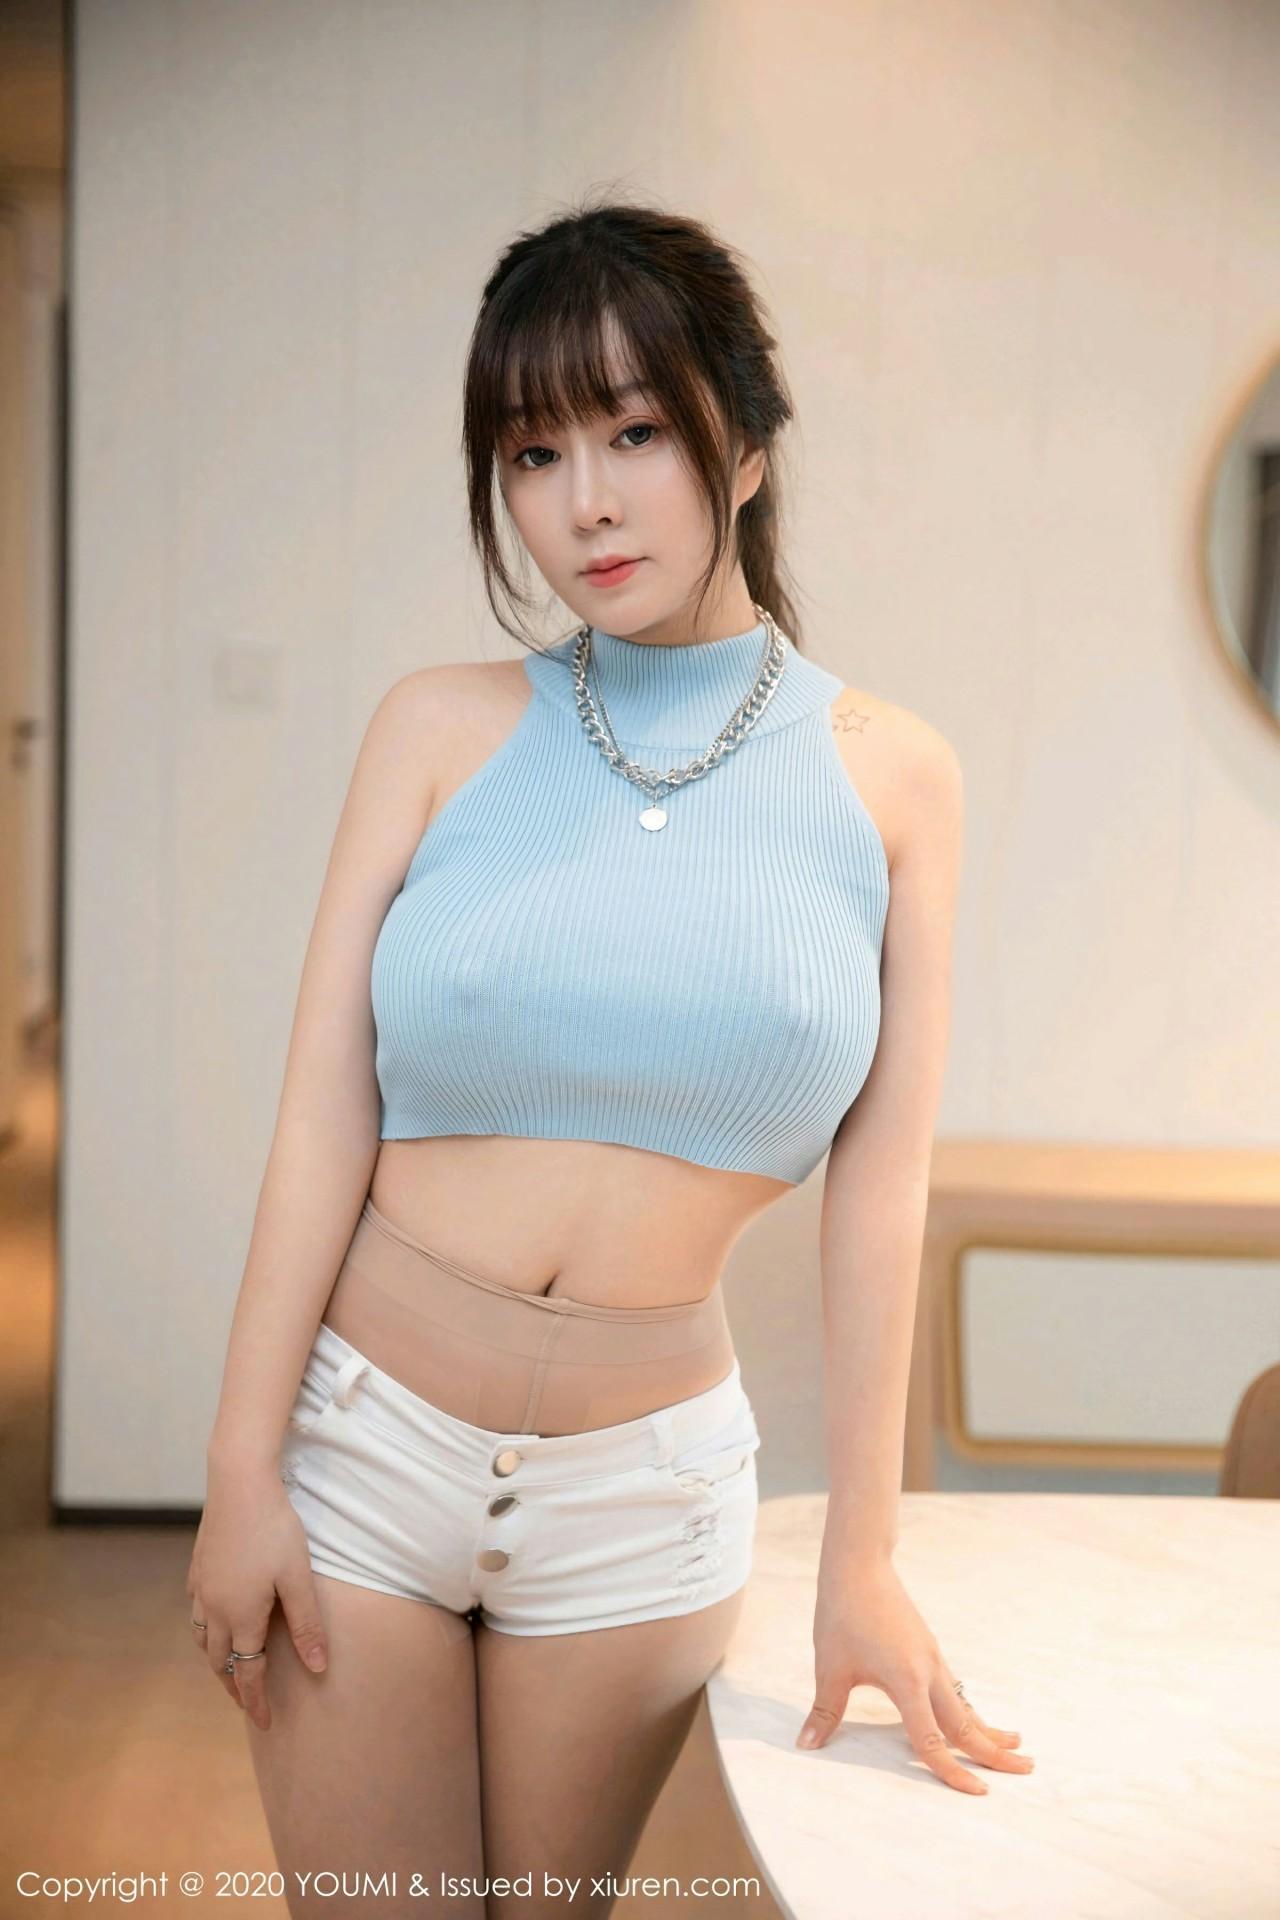 [YOUMI尤蜜荟] 2020.11.13 VOL.557 王雨纯 第2张